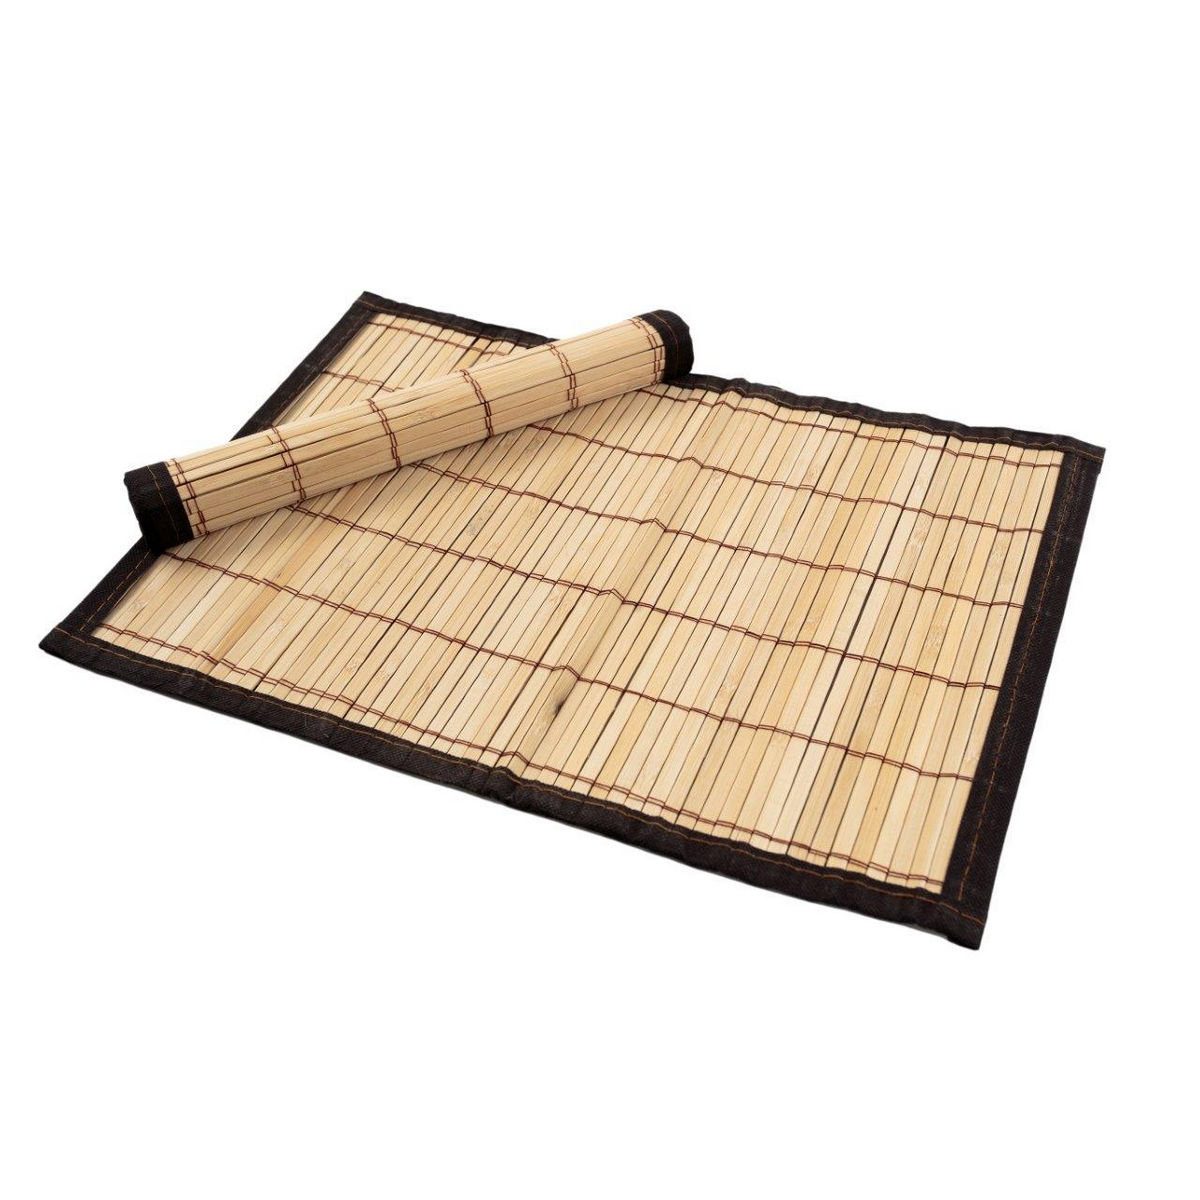 Poza Set 2 suporturi farfurie bambus 30*45 cm cu bordura